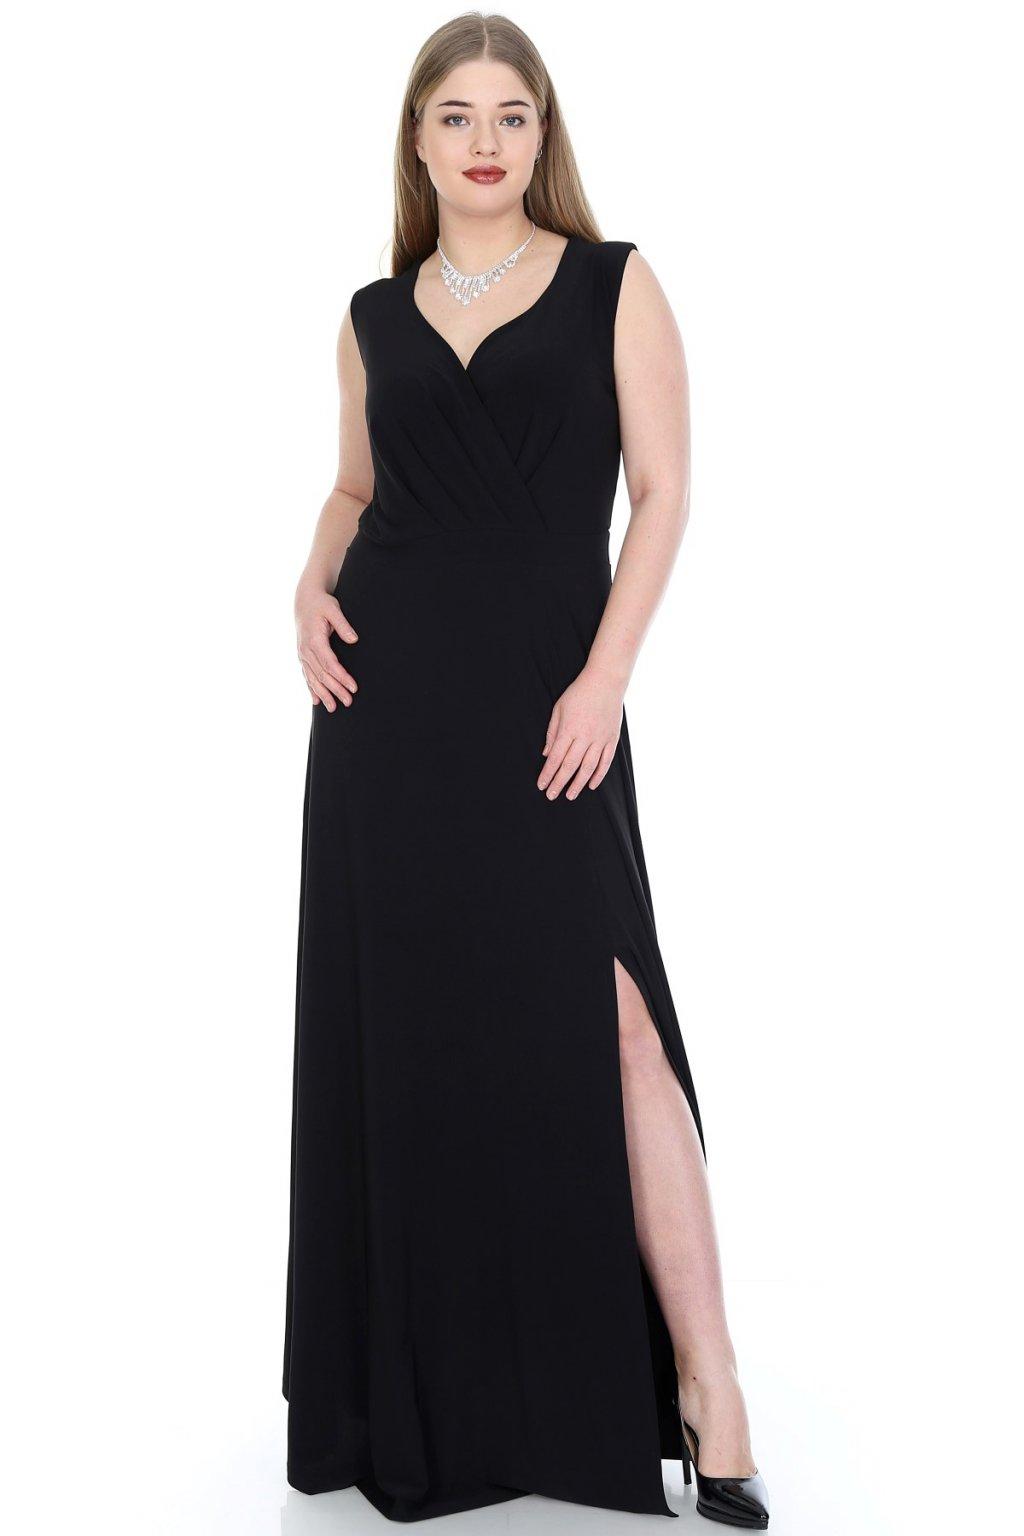 Dlouhé společenské šaty Kami s překládaným výstřihem černé